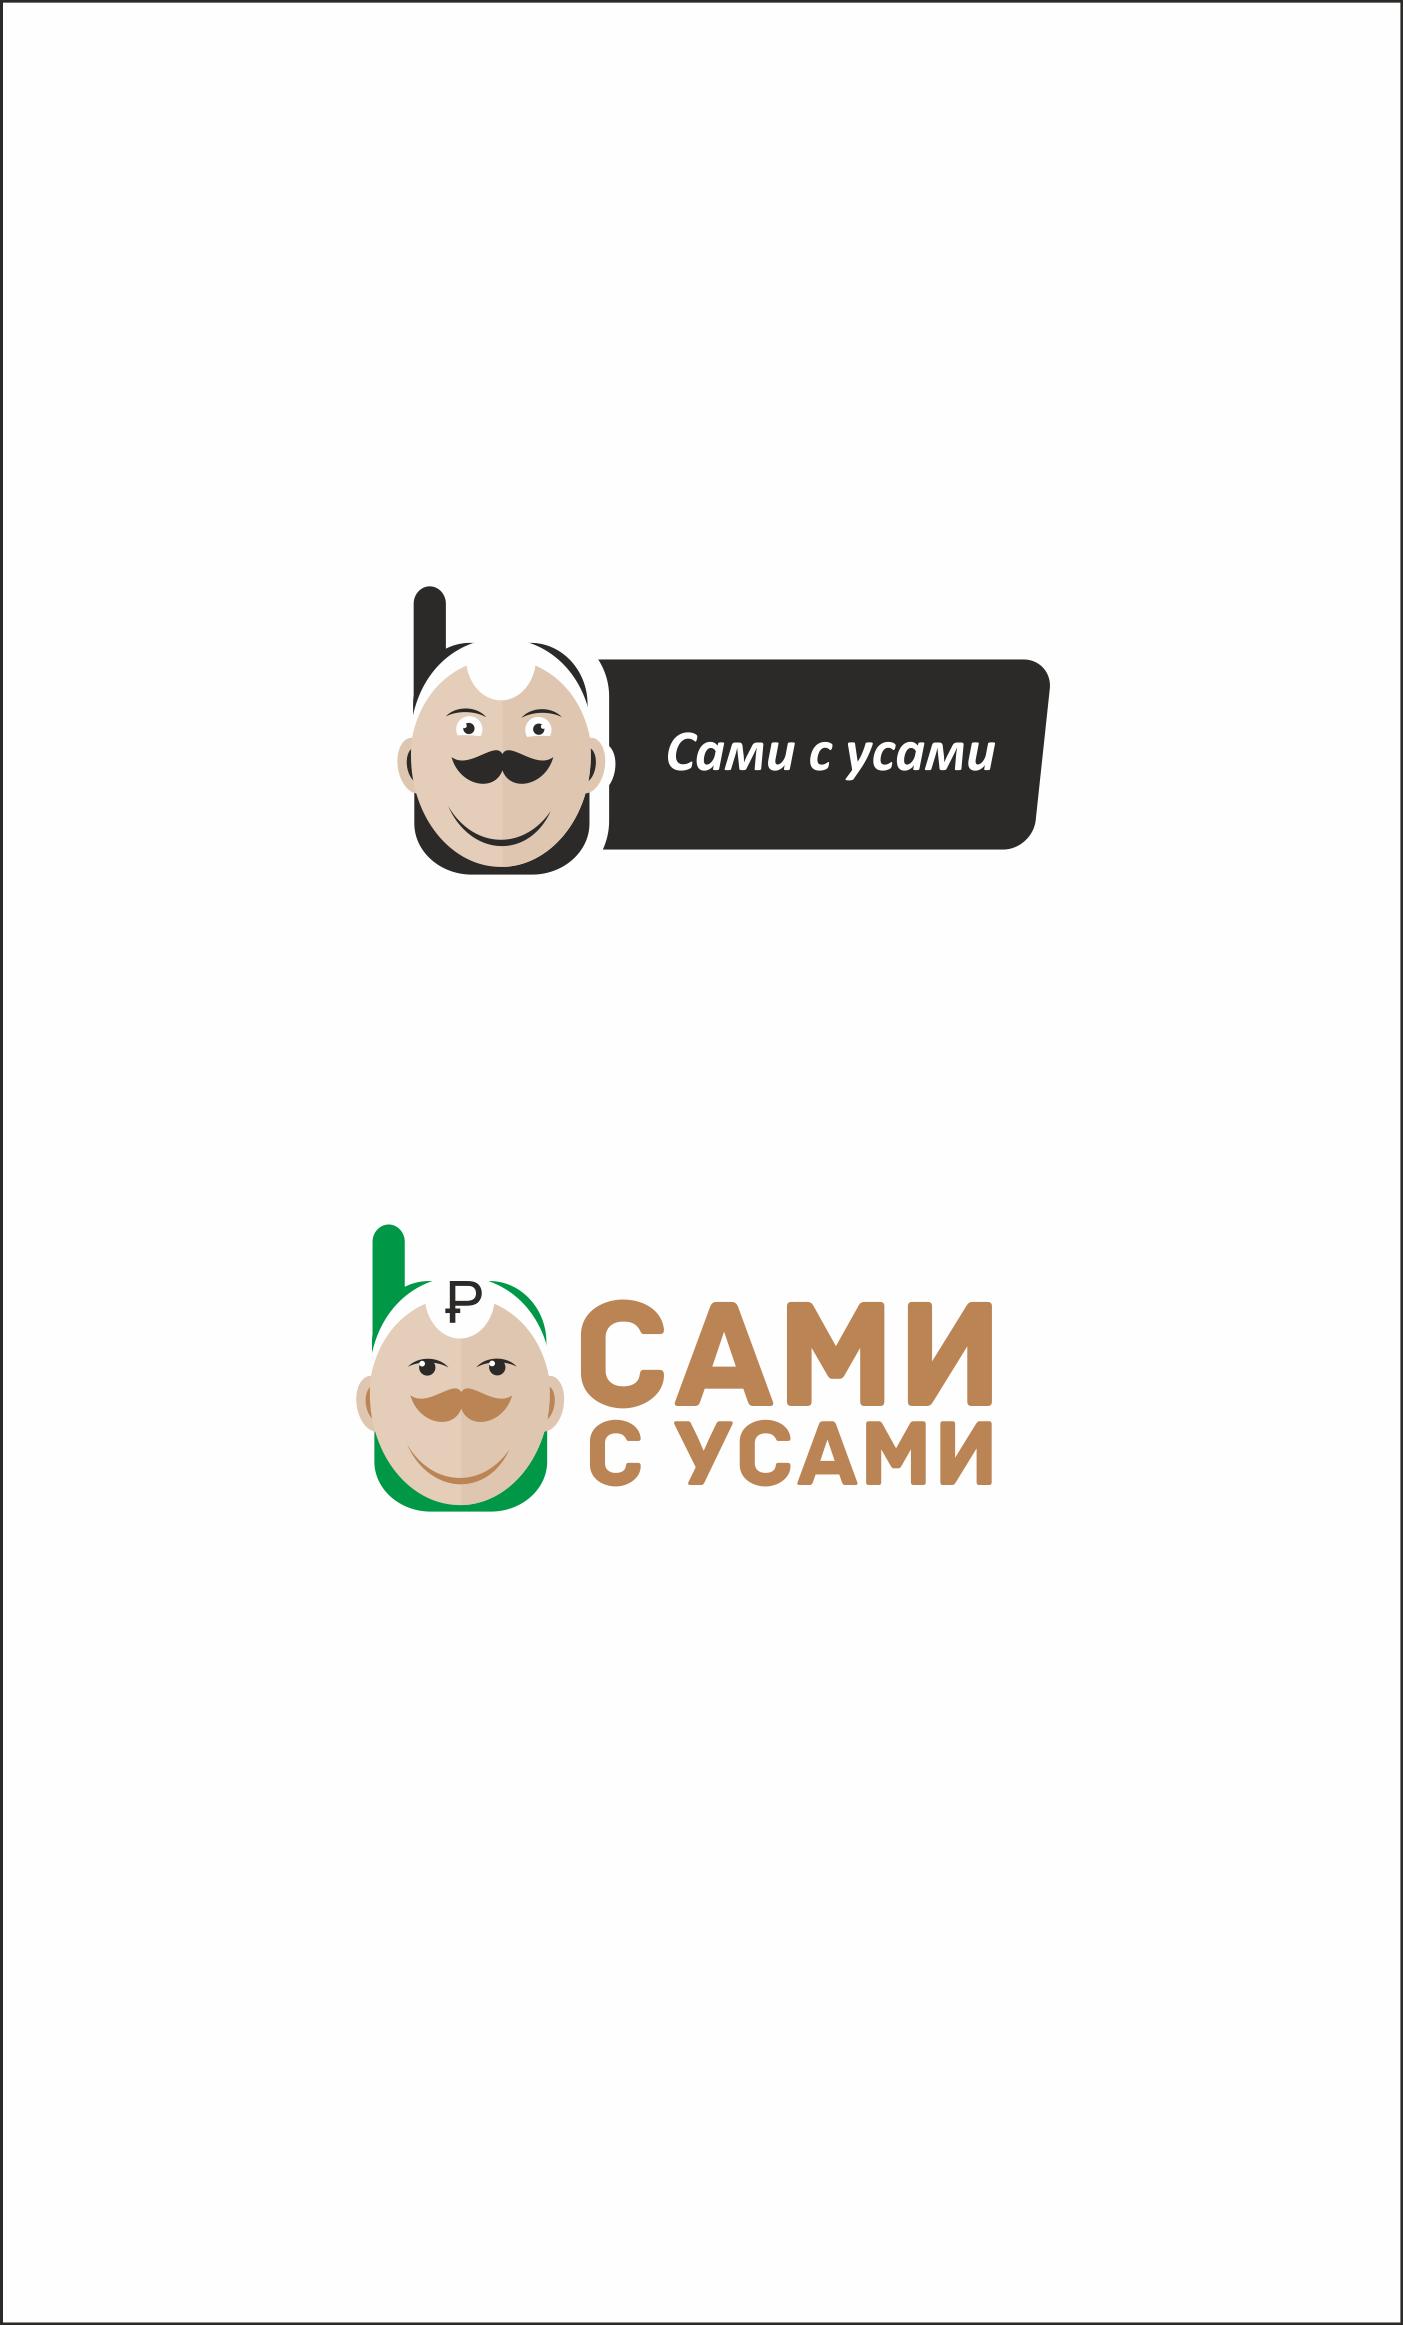 Разработка Логотипа 6 000 руб. фото f_73358f603b89ef5a.png